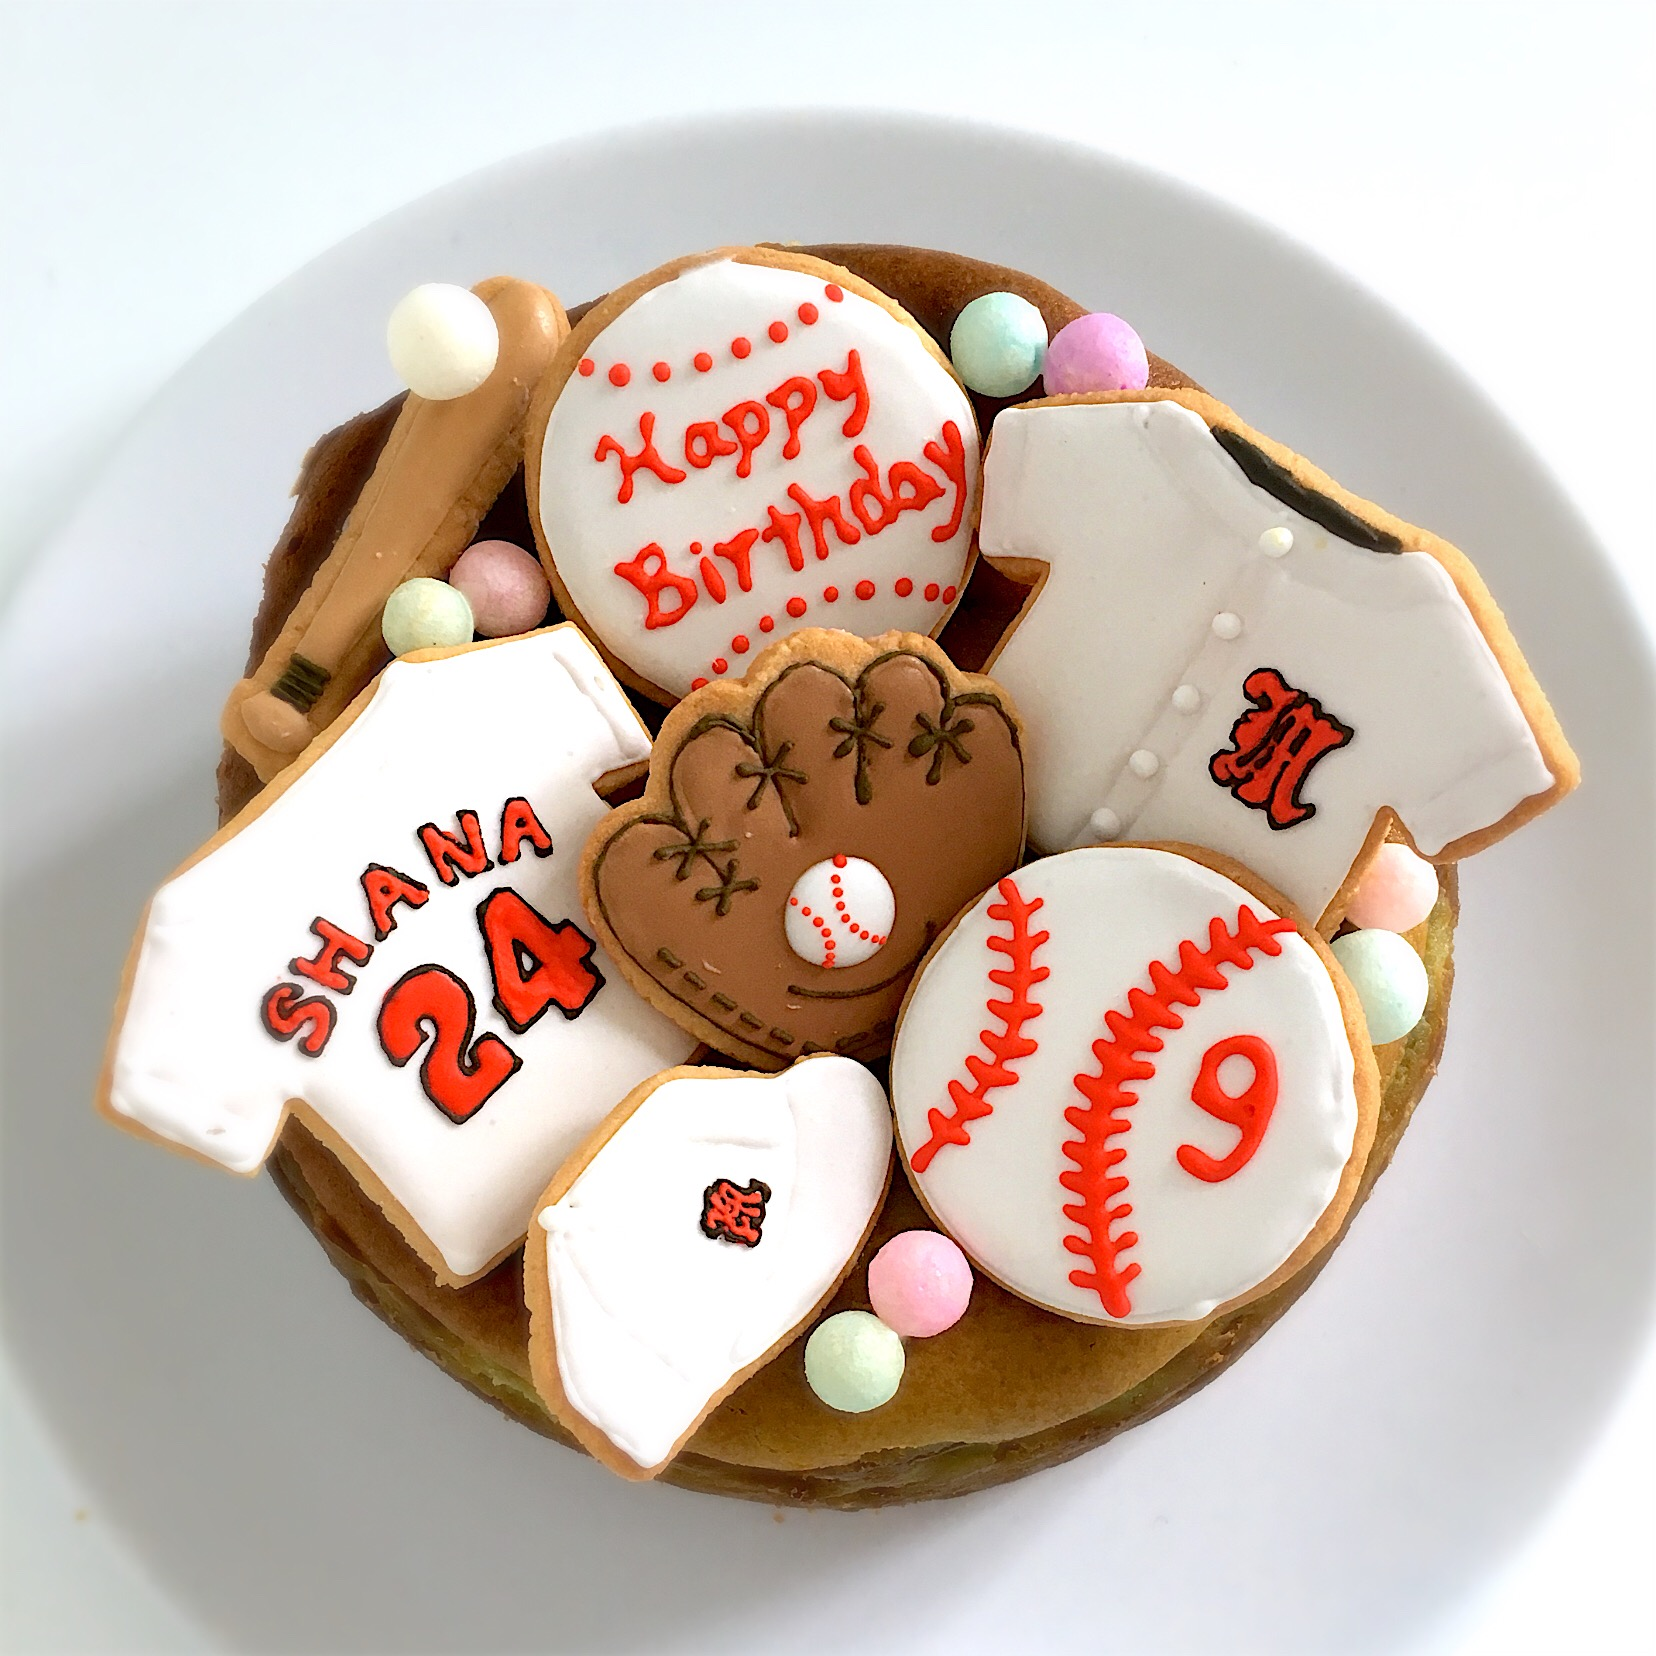 野球少年甥っ子9歳のバースデーケーキ抹茶チーズケーキ チーハ Snapdish スナップディッシュ Id 88fcua